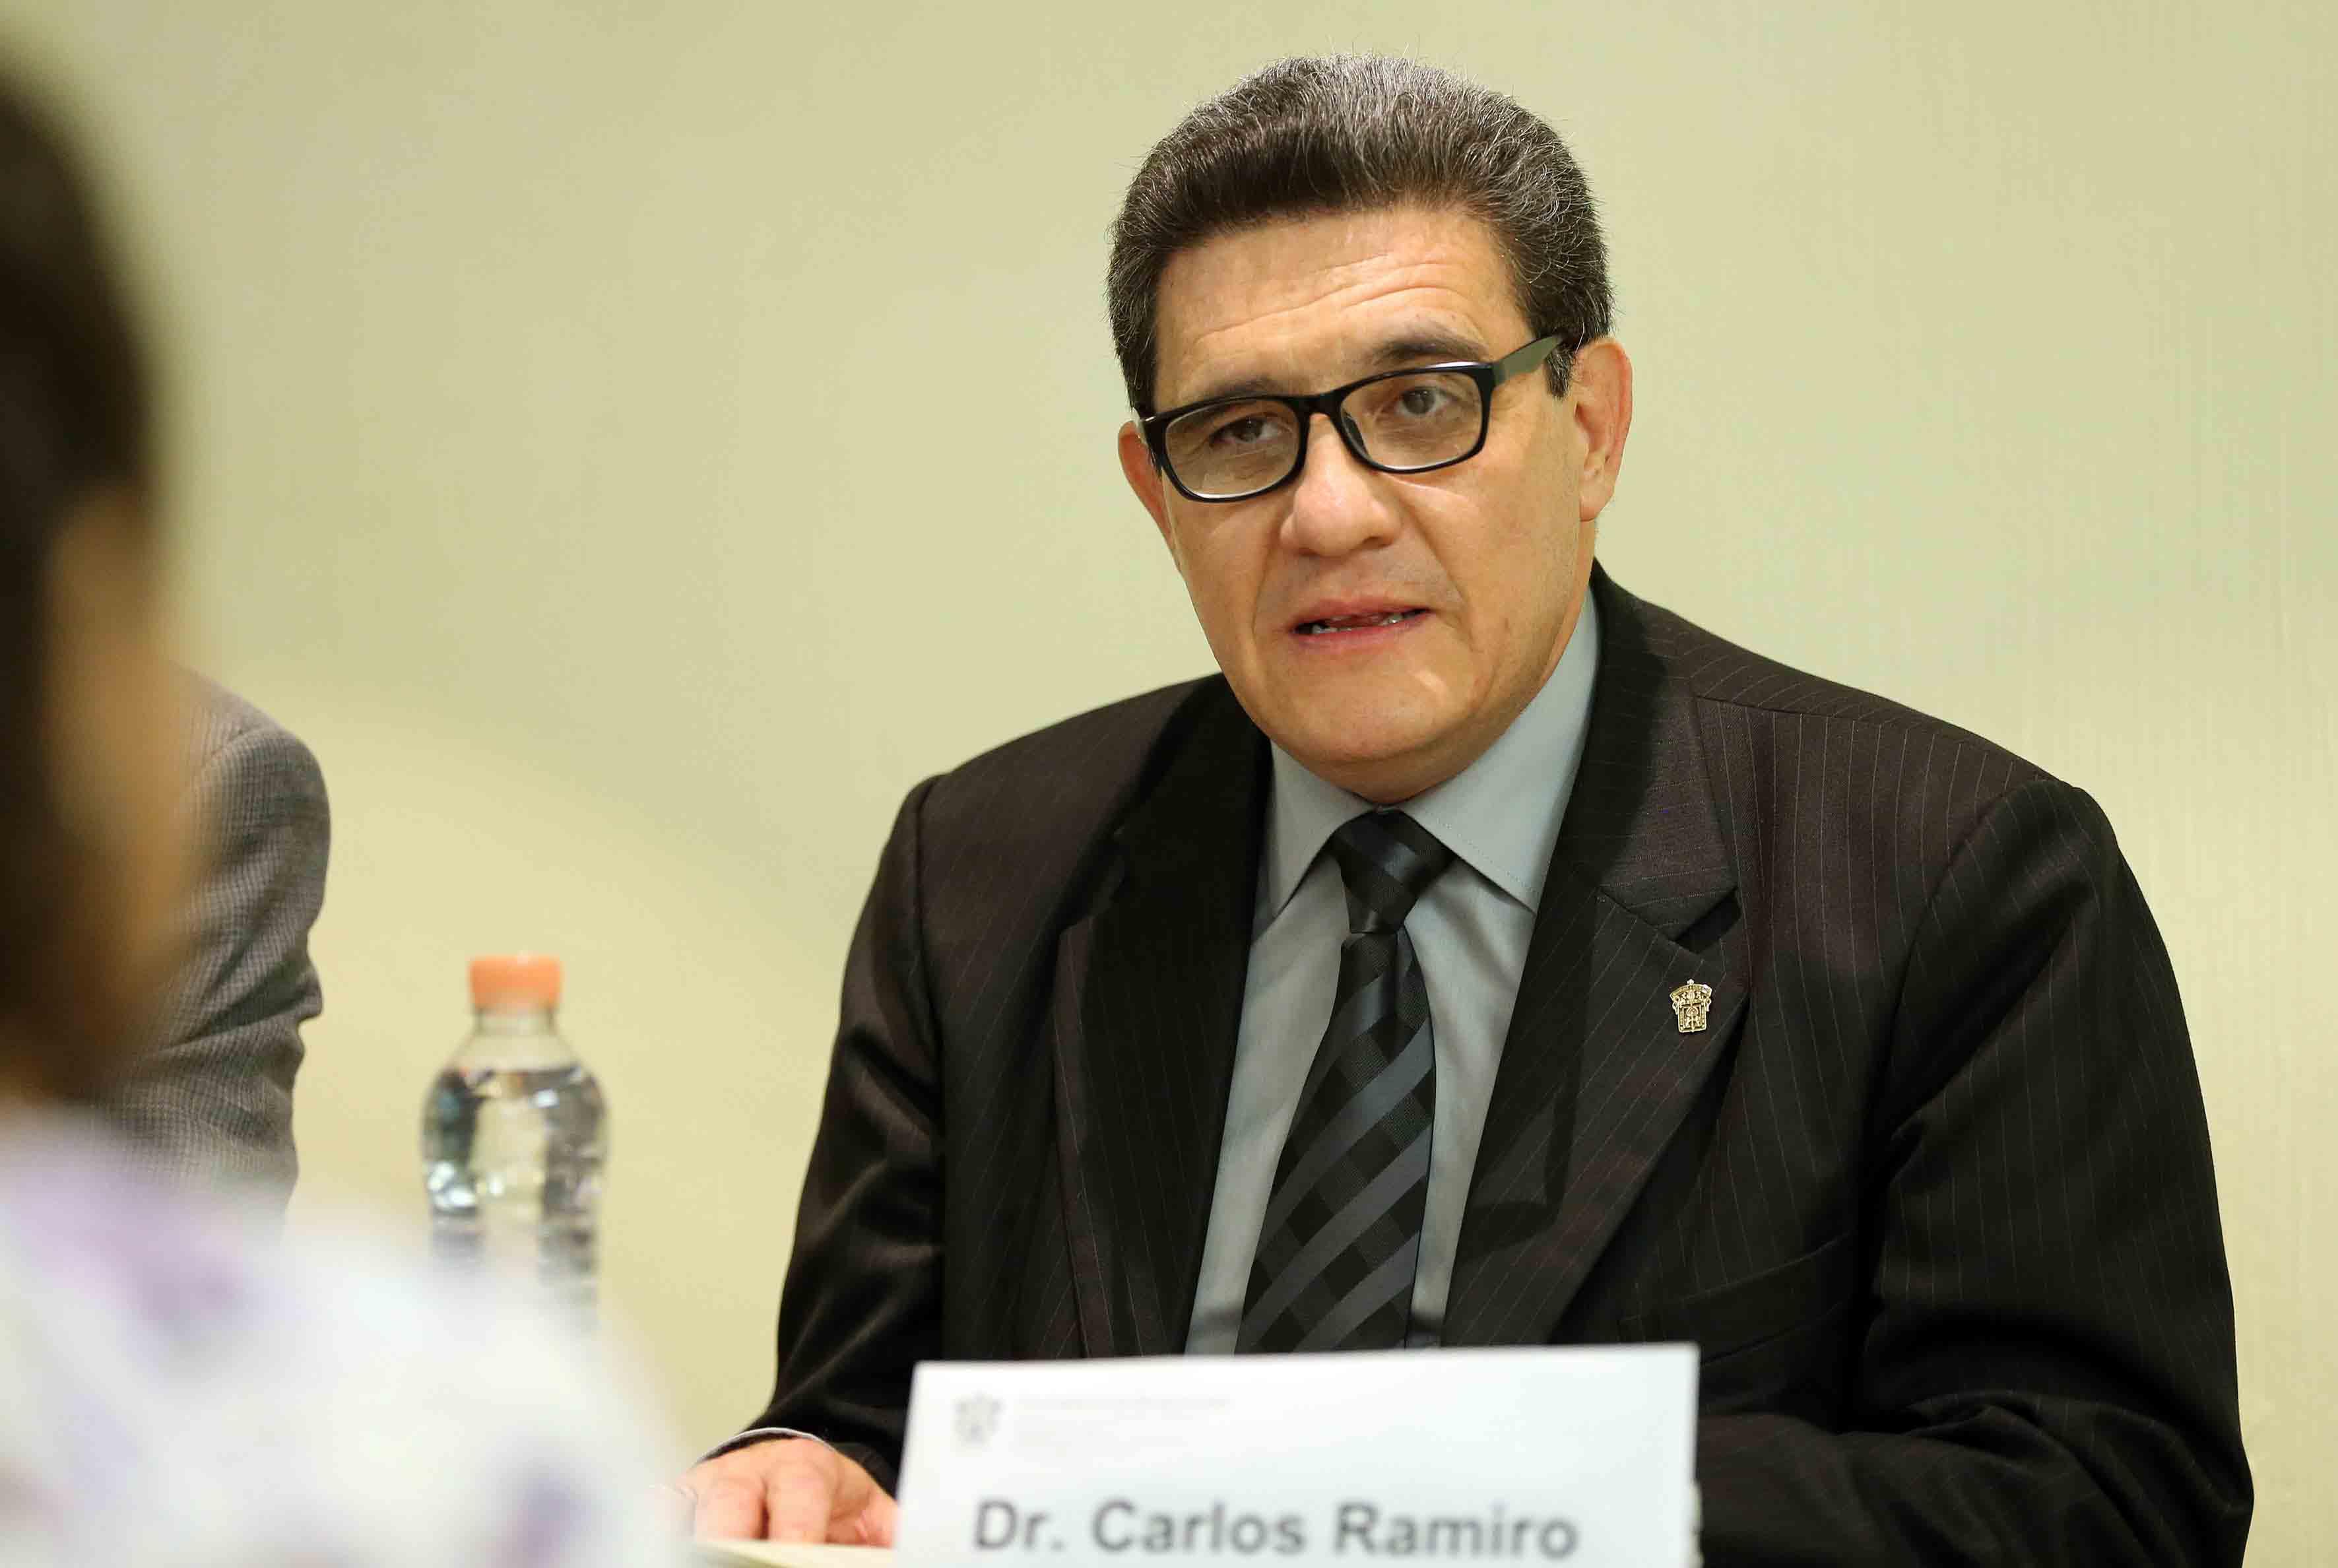 Jefe de Departamento de Disciplinas Afines al Derecho del CUCSH, doctor Carlos Ramiro Ruiz Moreno